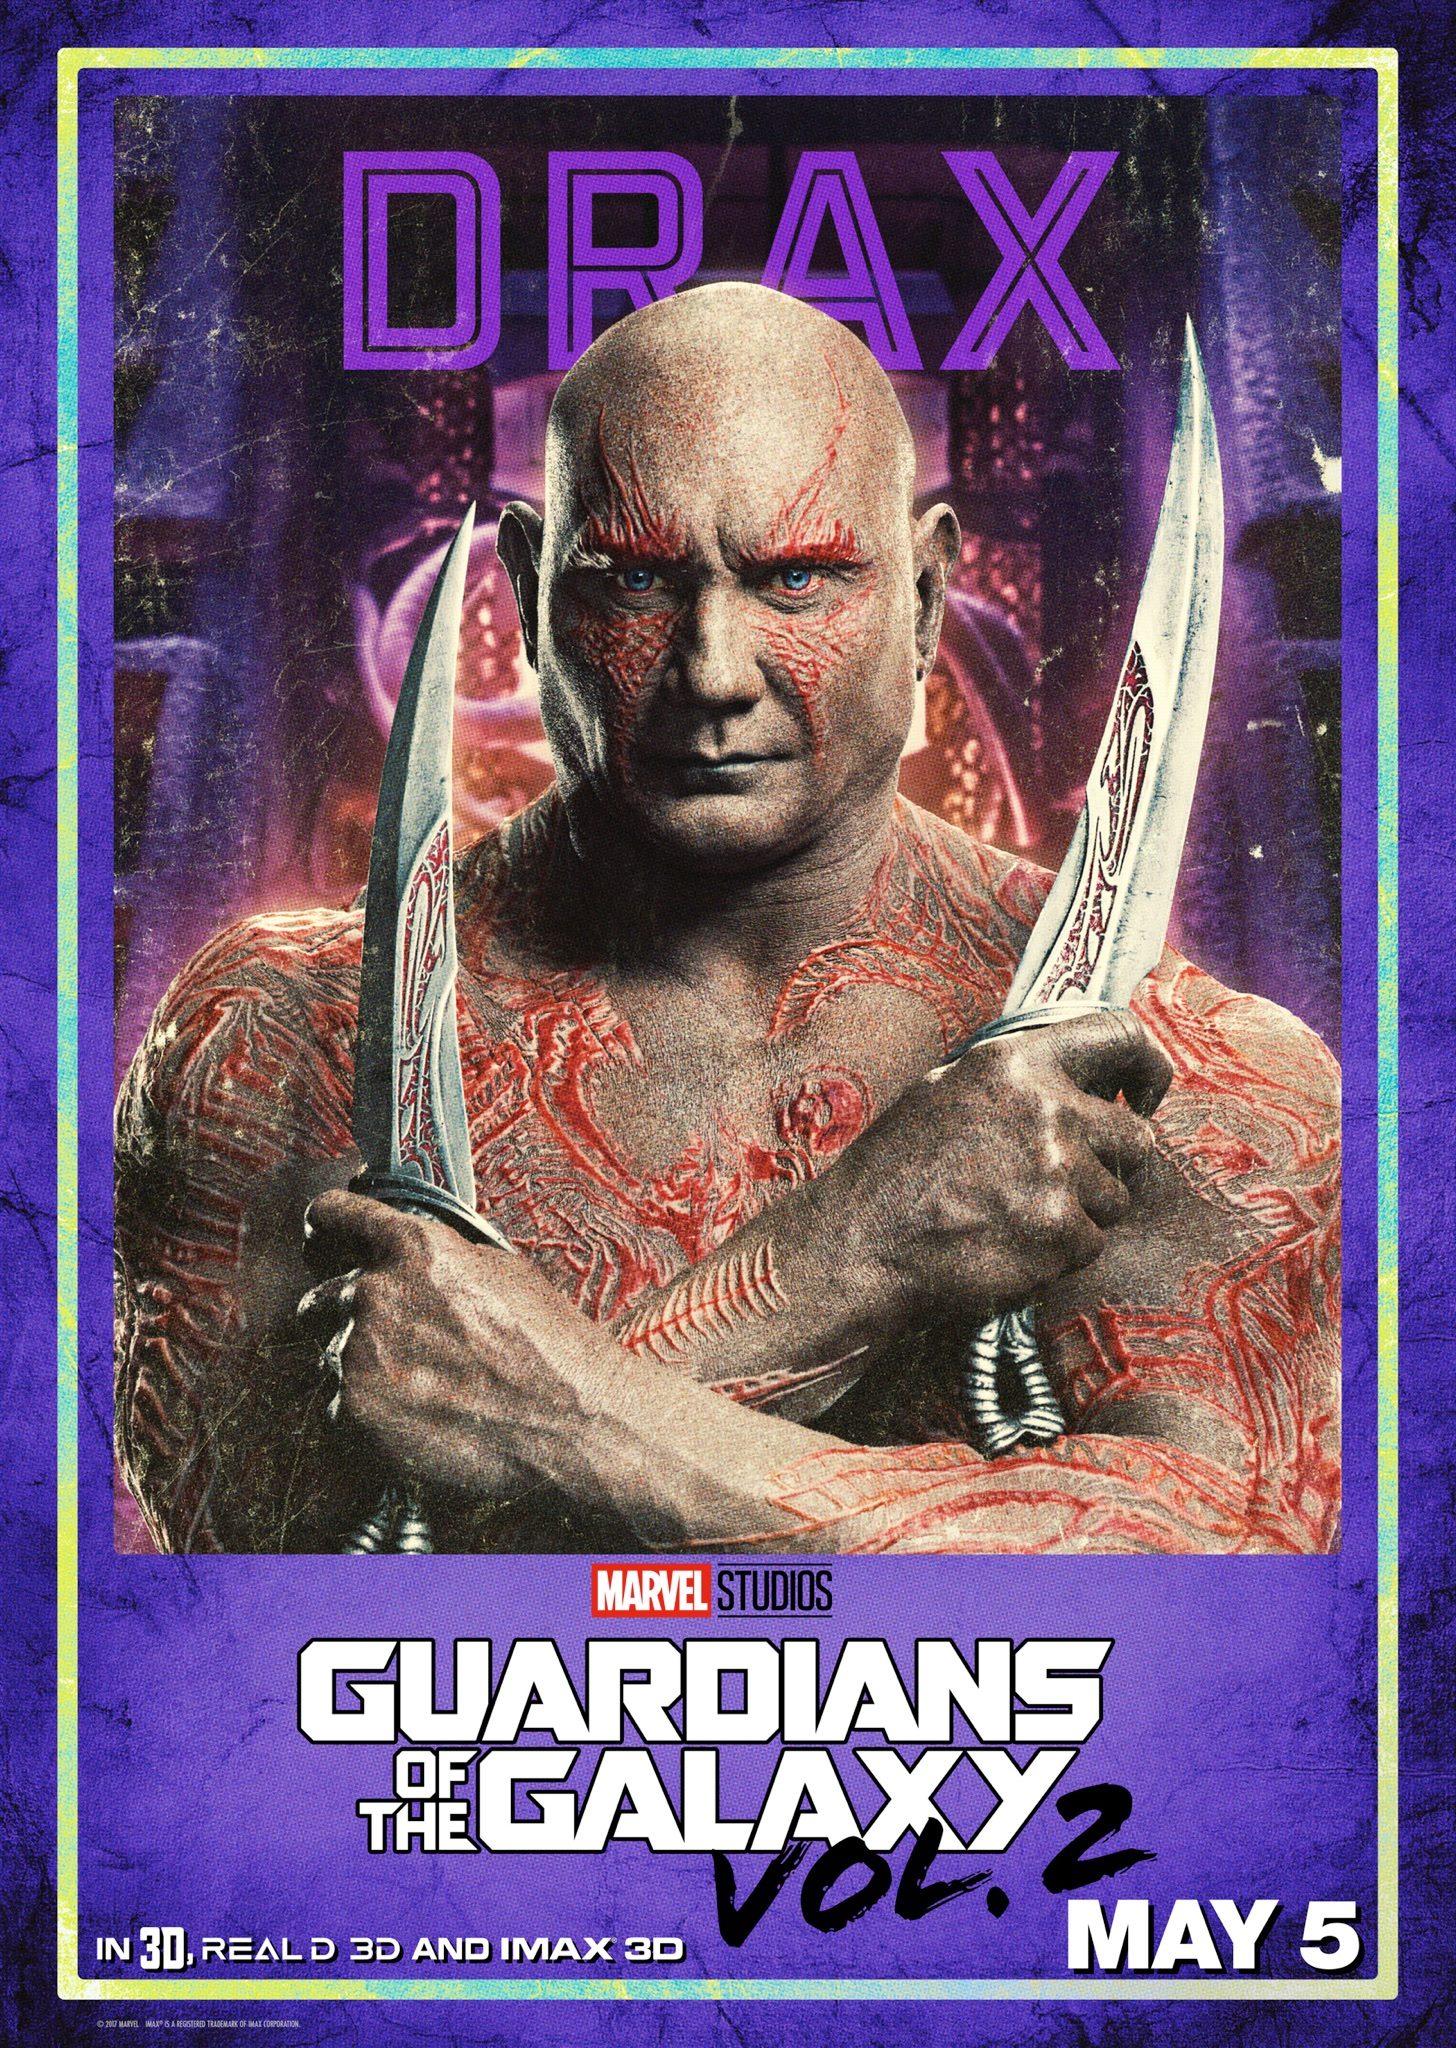 Guardiani della Galassia Vol. 2: il character poster di Drax